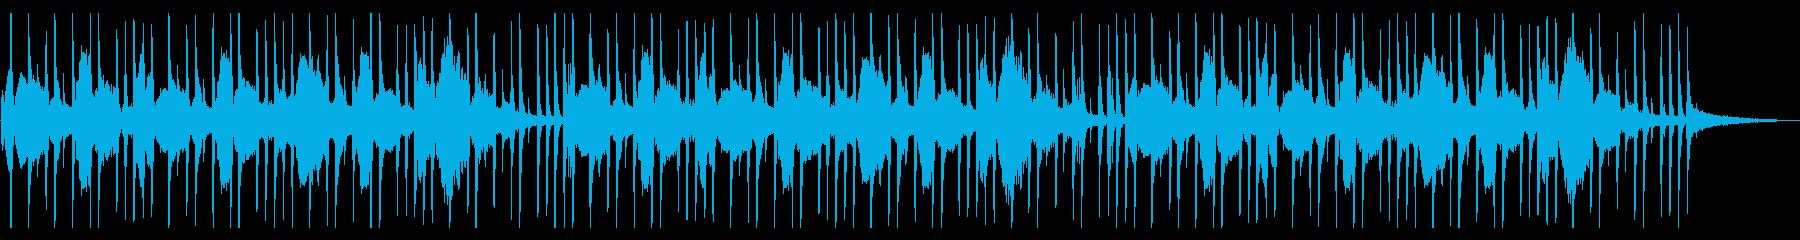 シンセベース音が心地よい待機中BGMの再生済みの波形